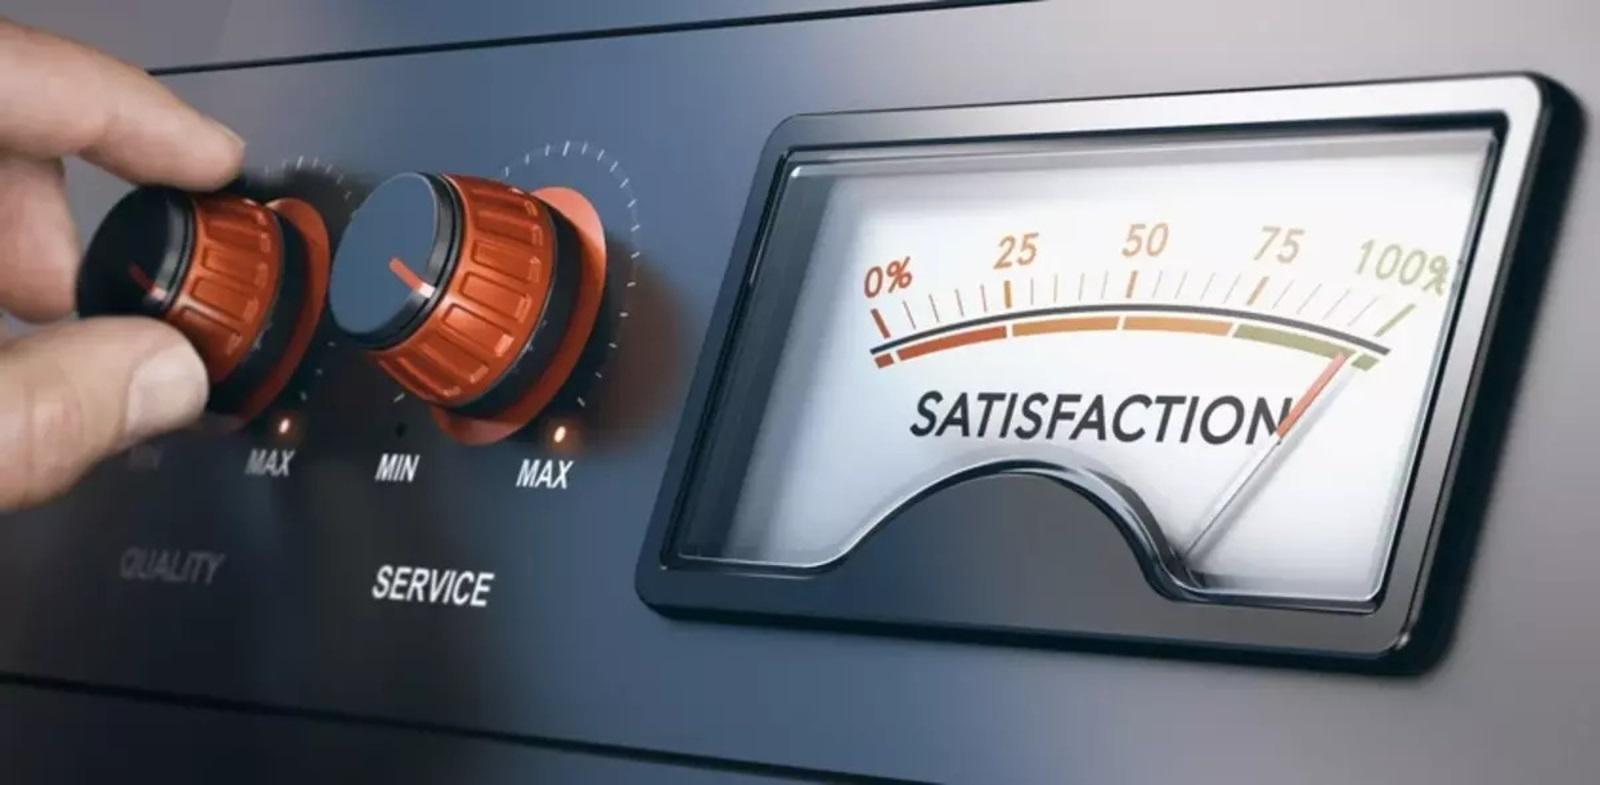 Image satisfaction 100%